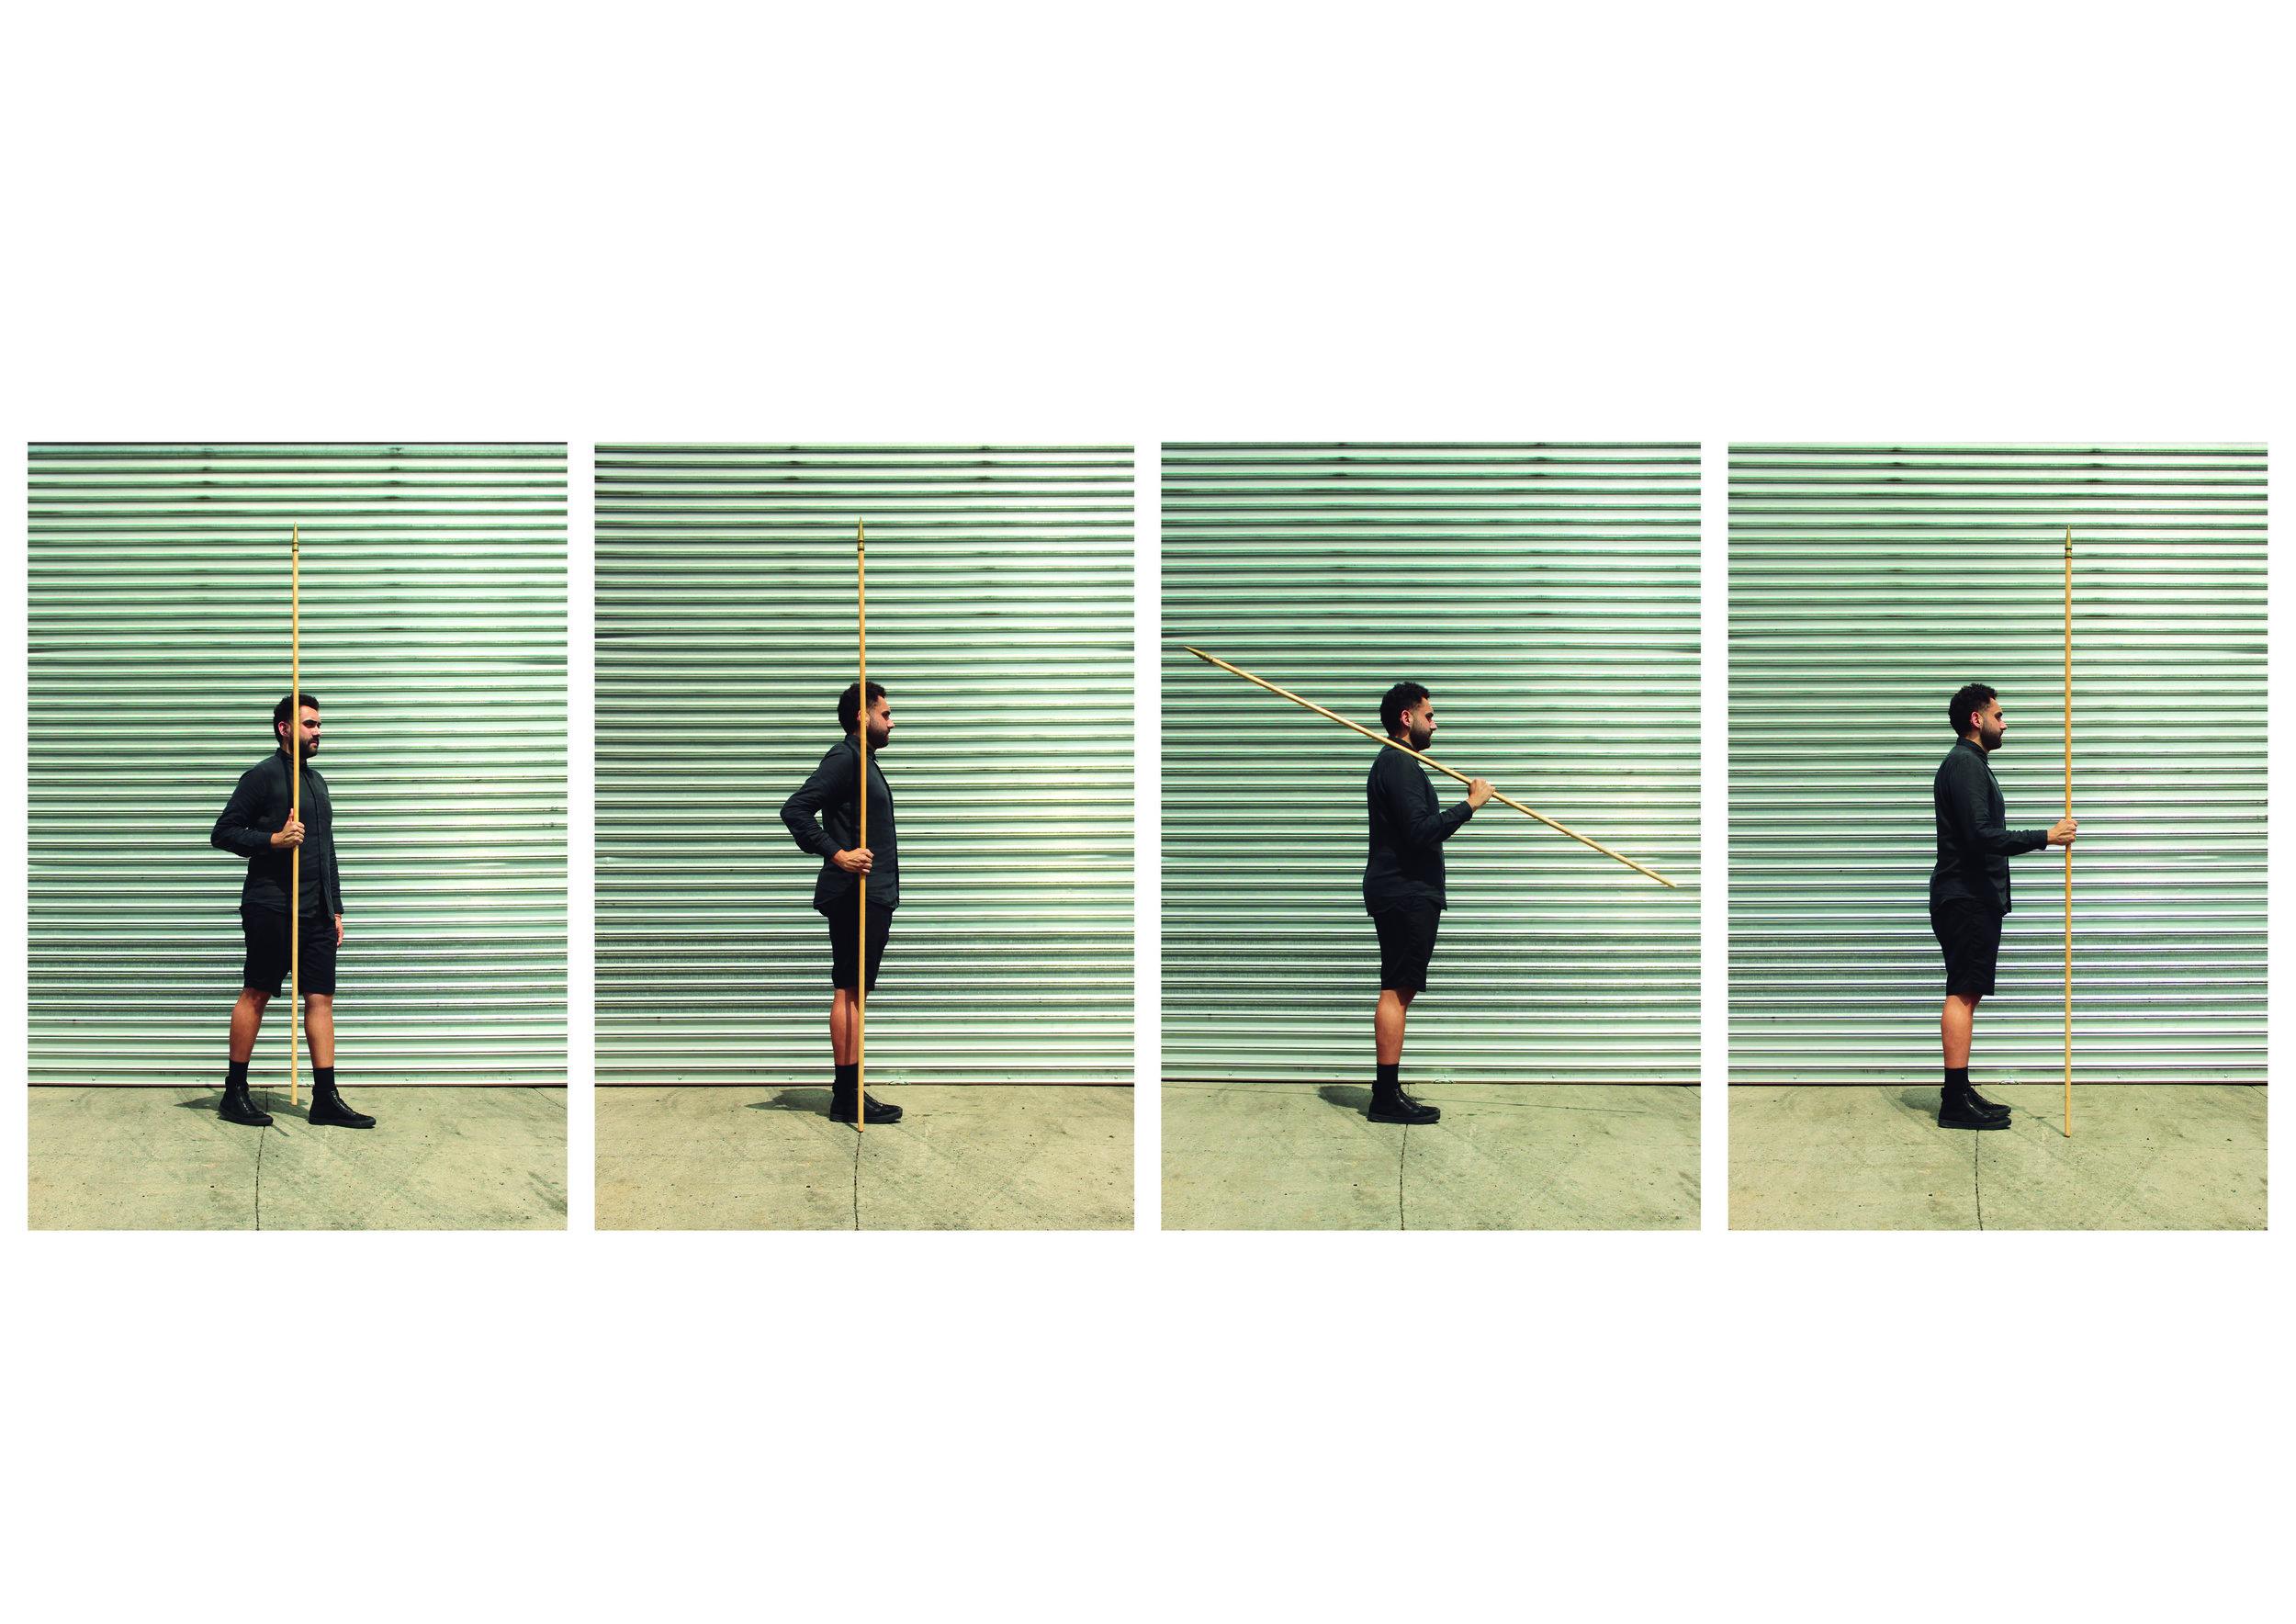 Porta Bandeira. Ensaio para resistência. 2018  1 - Conduzida em desfile 2 - Posição de descansar 3 - Ombros armas 4 - Em continência  Trabalho desenvolvido durante a residência  AnnexB  - Nova Iorque. Foto Camila Crivelenti